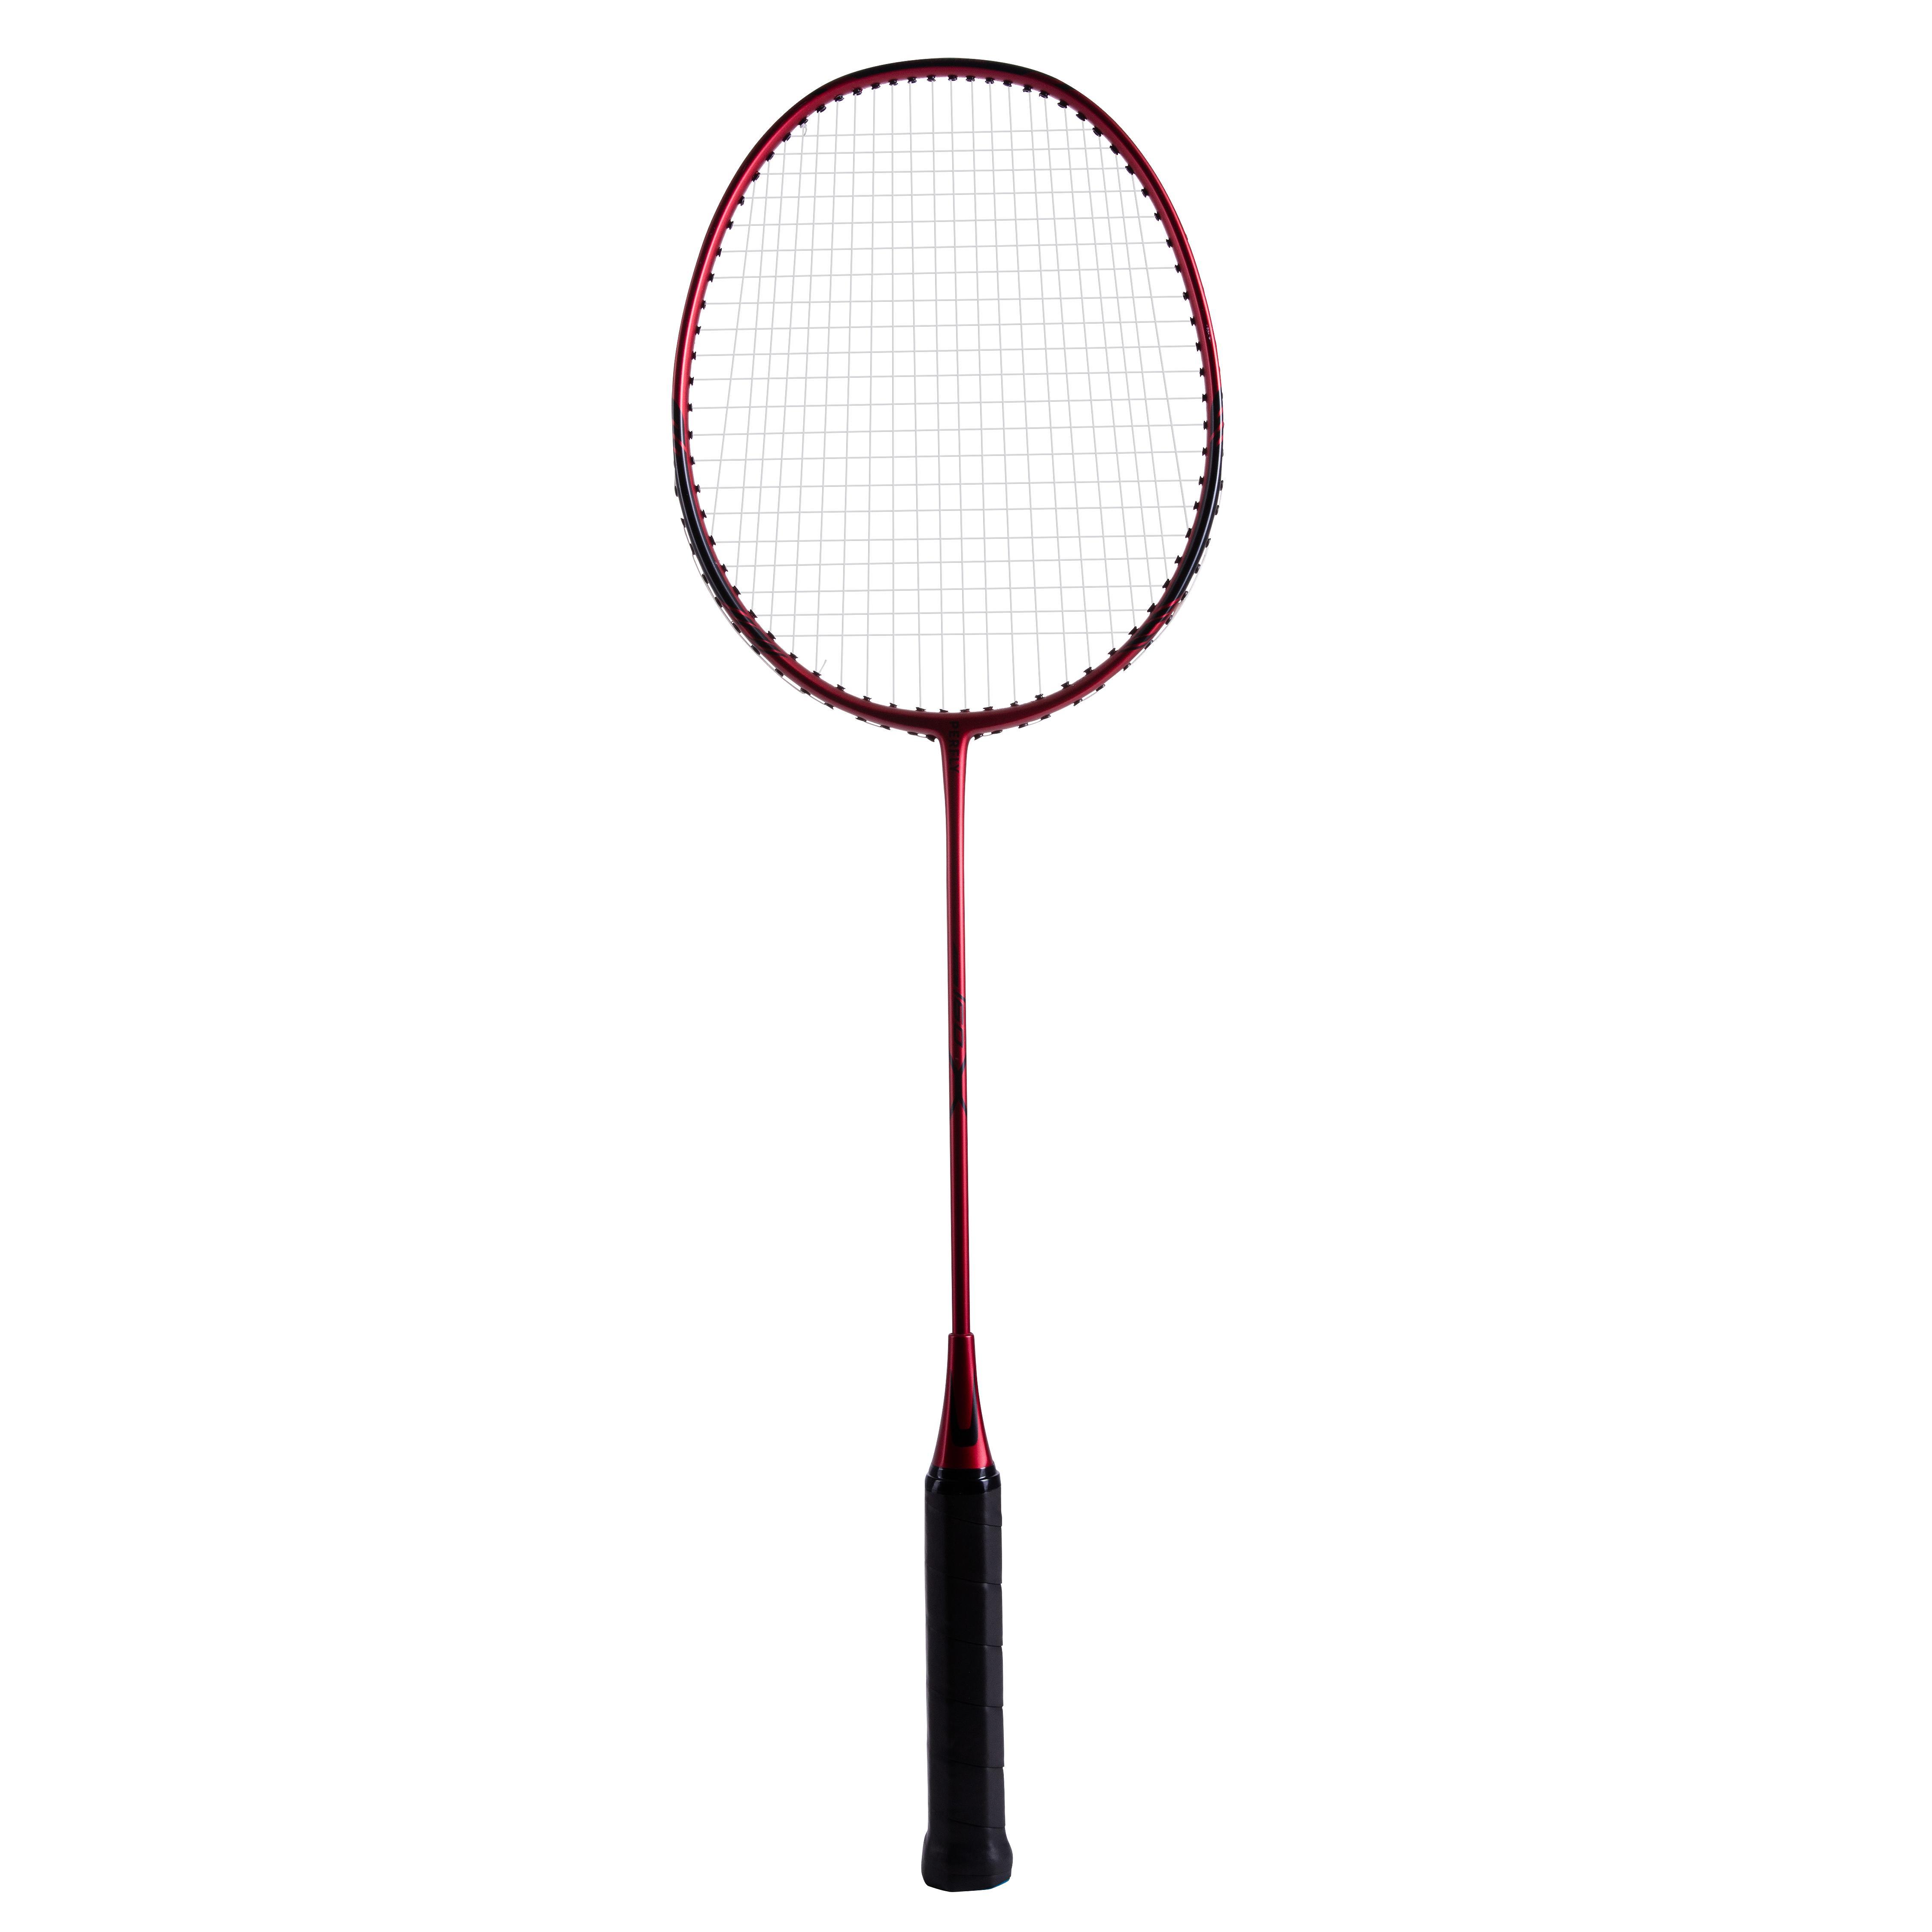 Perfly Raquette De Badminton Adulte BR 160 - Rouge Foncé - Perfly